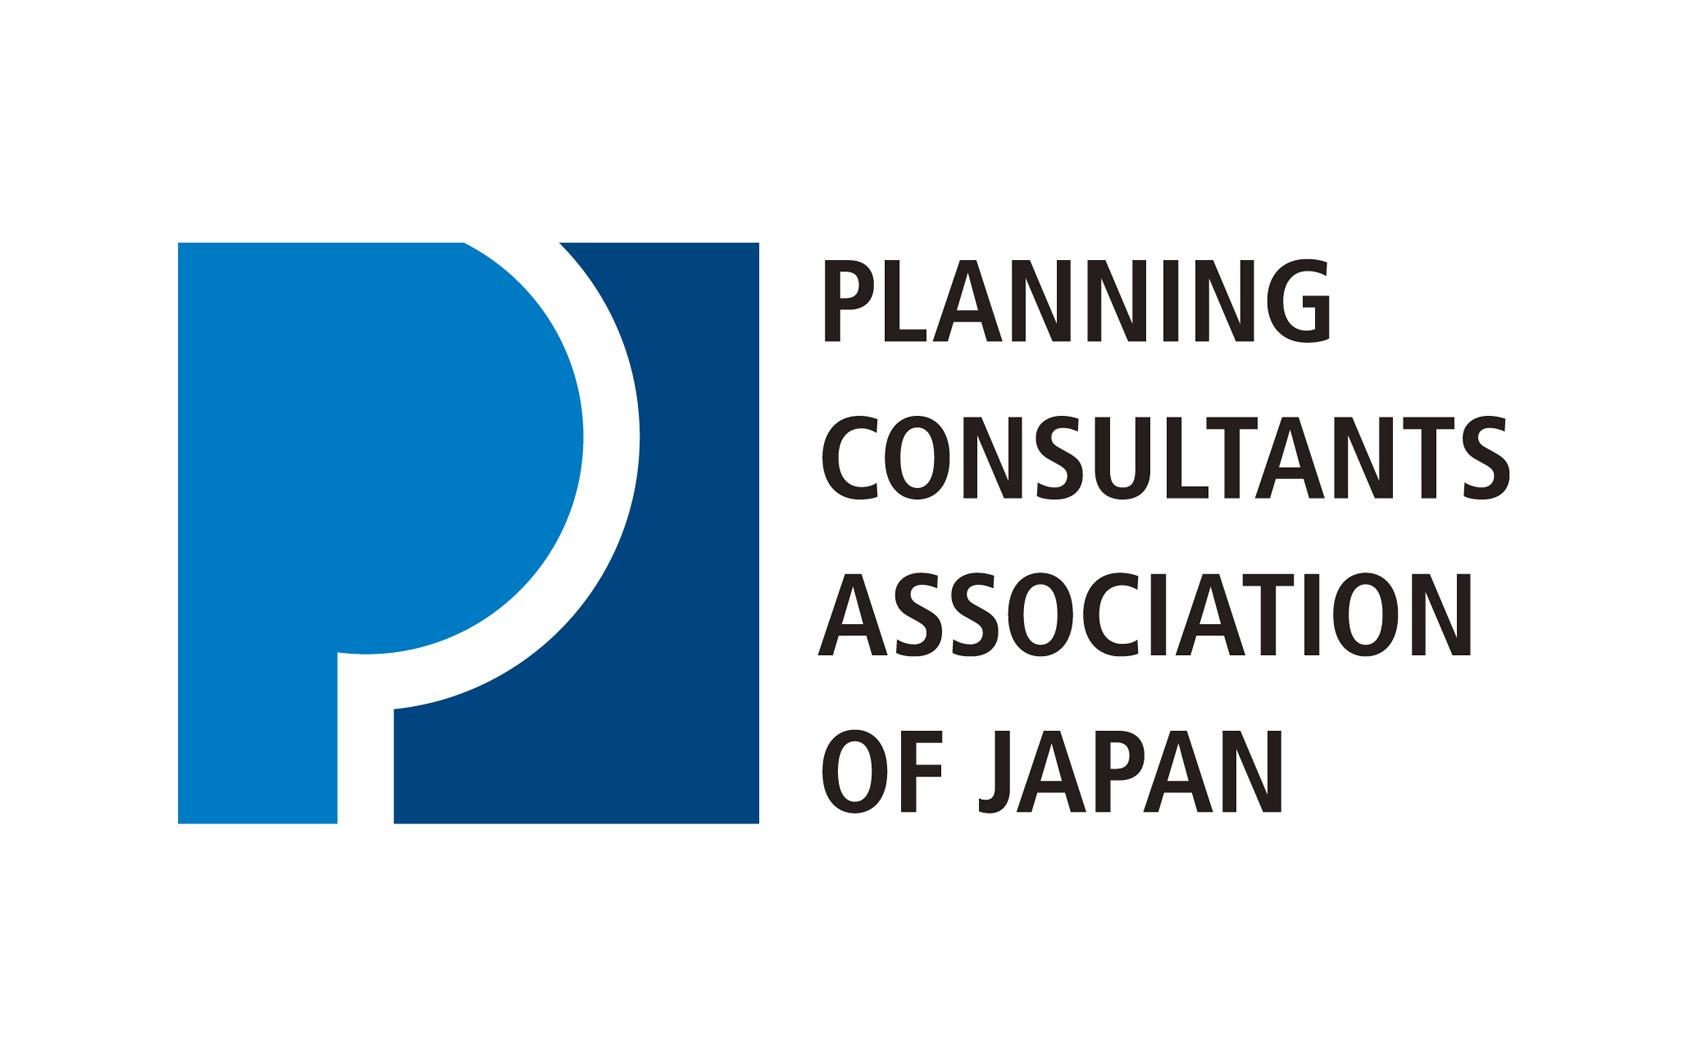 (一社)都市計画コンサルタント協会